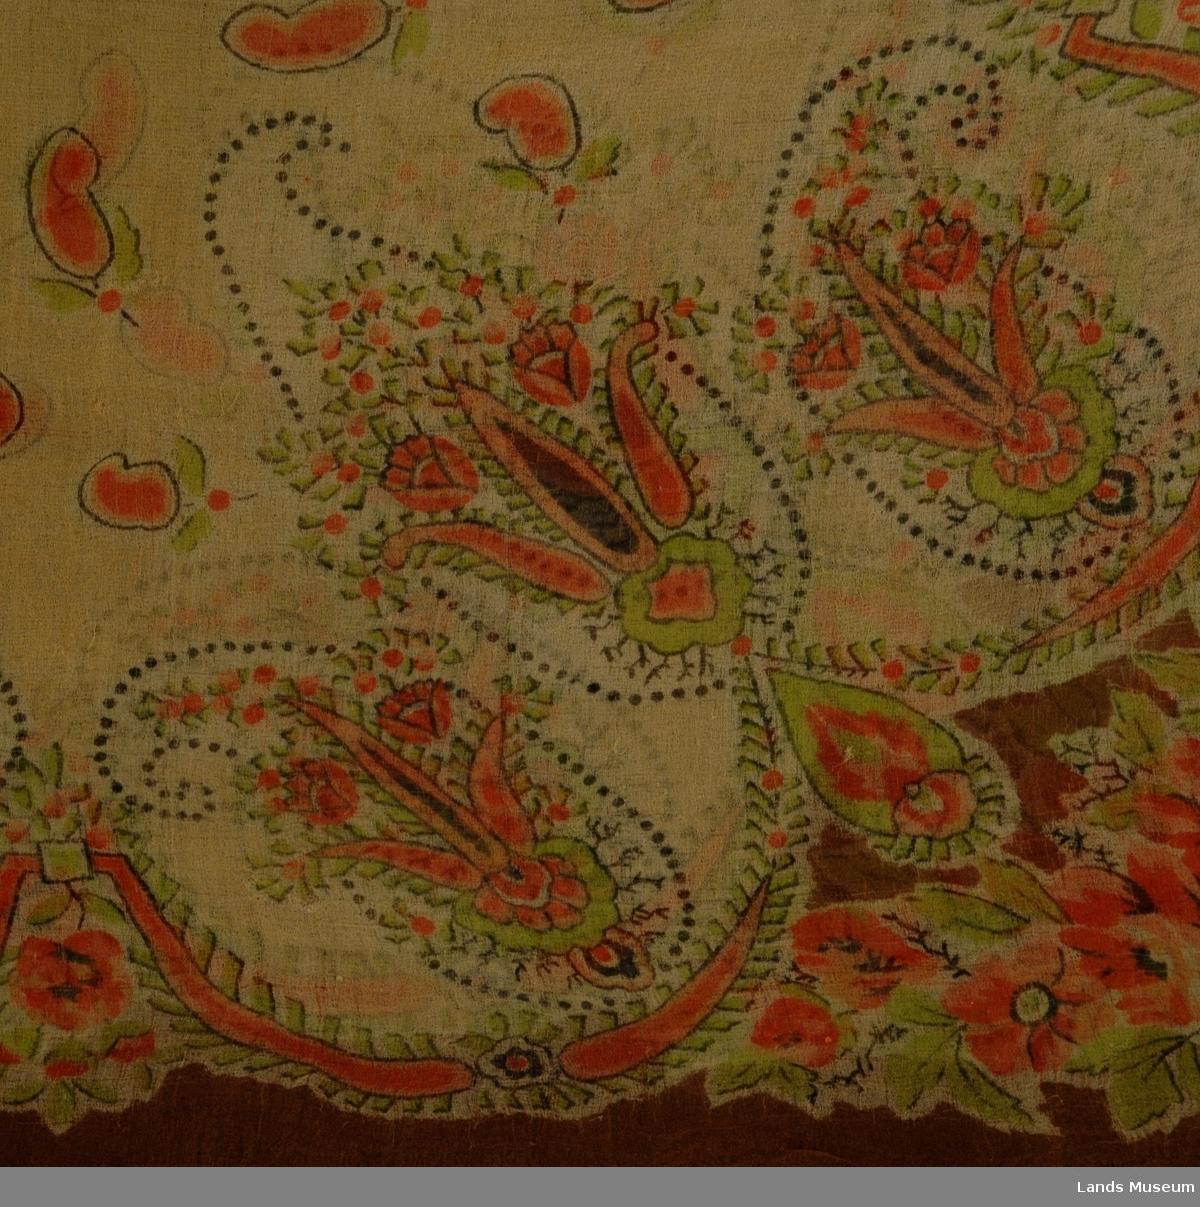 I ytterkant brunt, blomster innenfor i rødt med grønne blader på beige bunn. Fransk mønster.